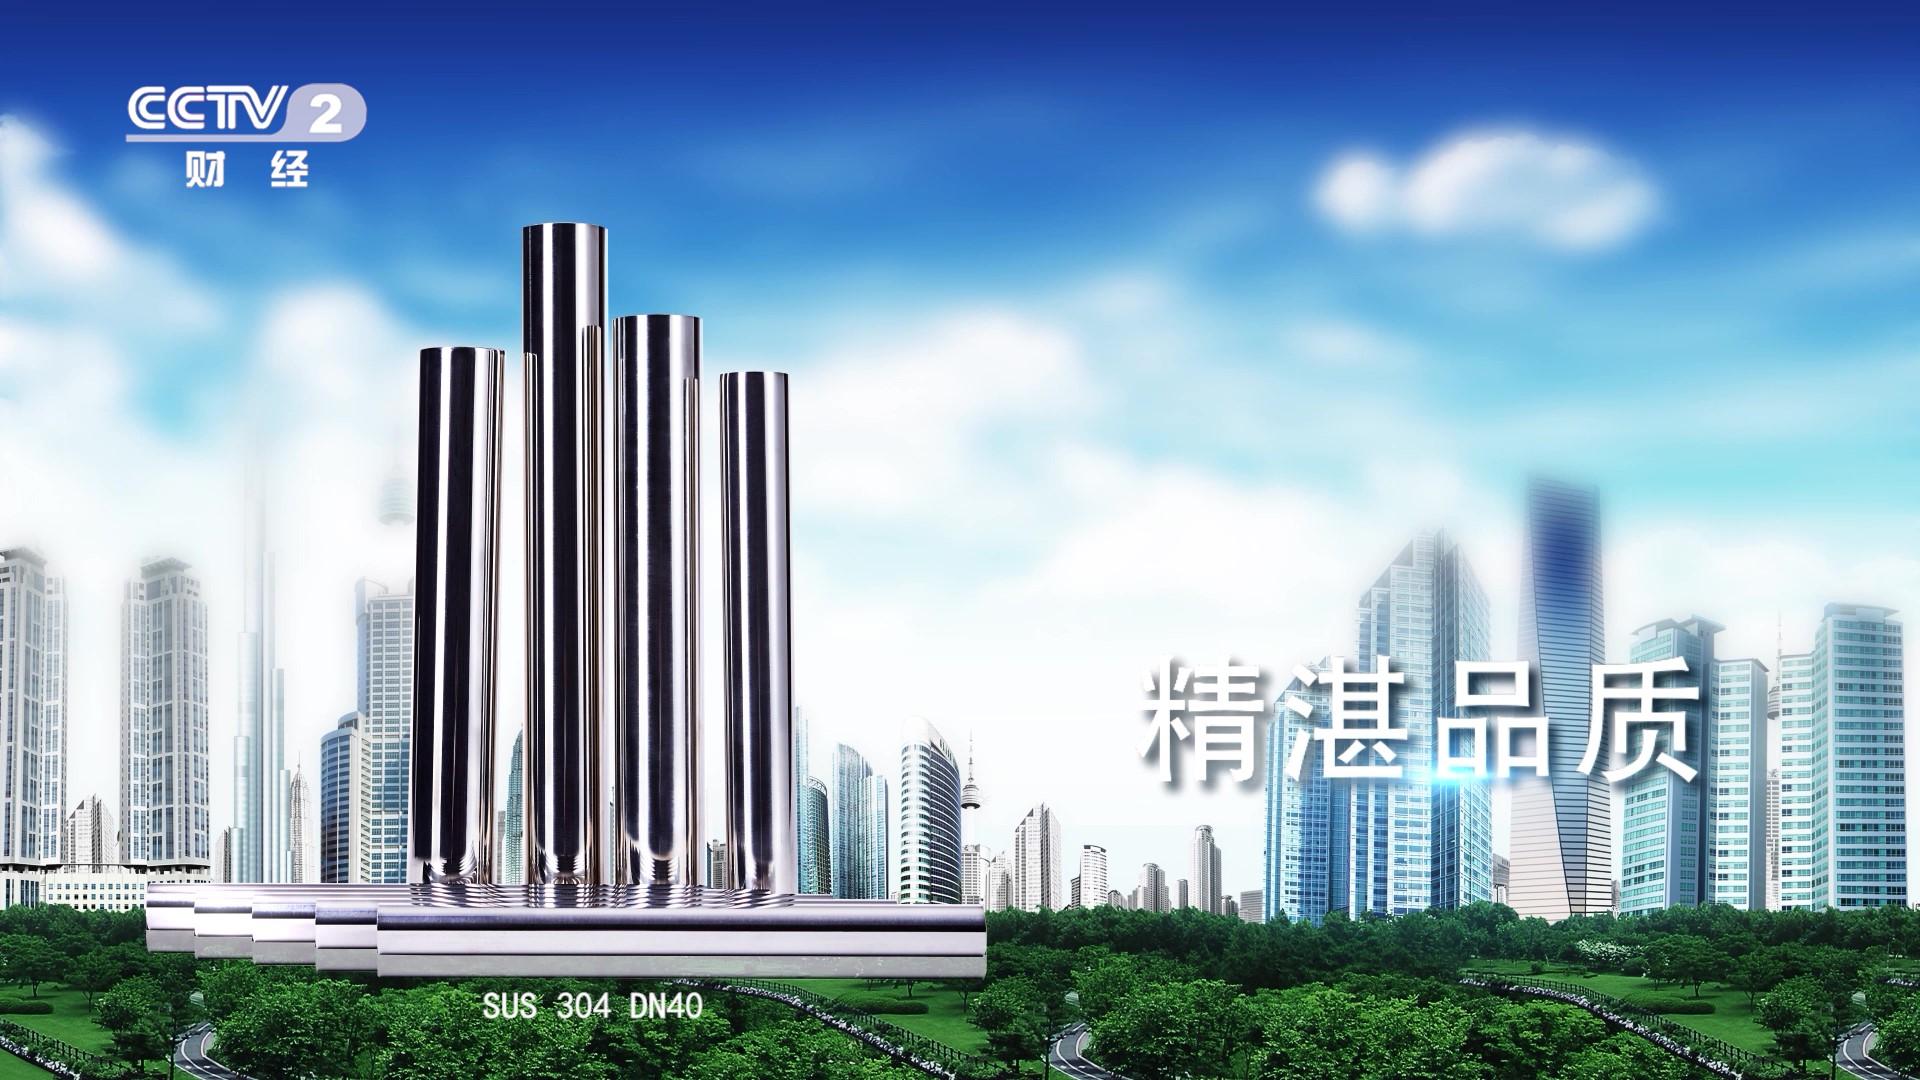 广上不锈钢品牌强势登录央视 开启品牌全新发展之路